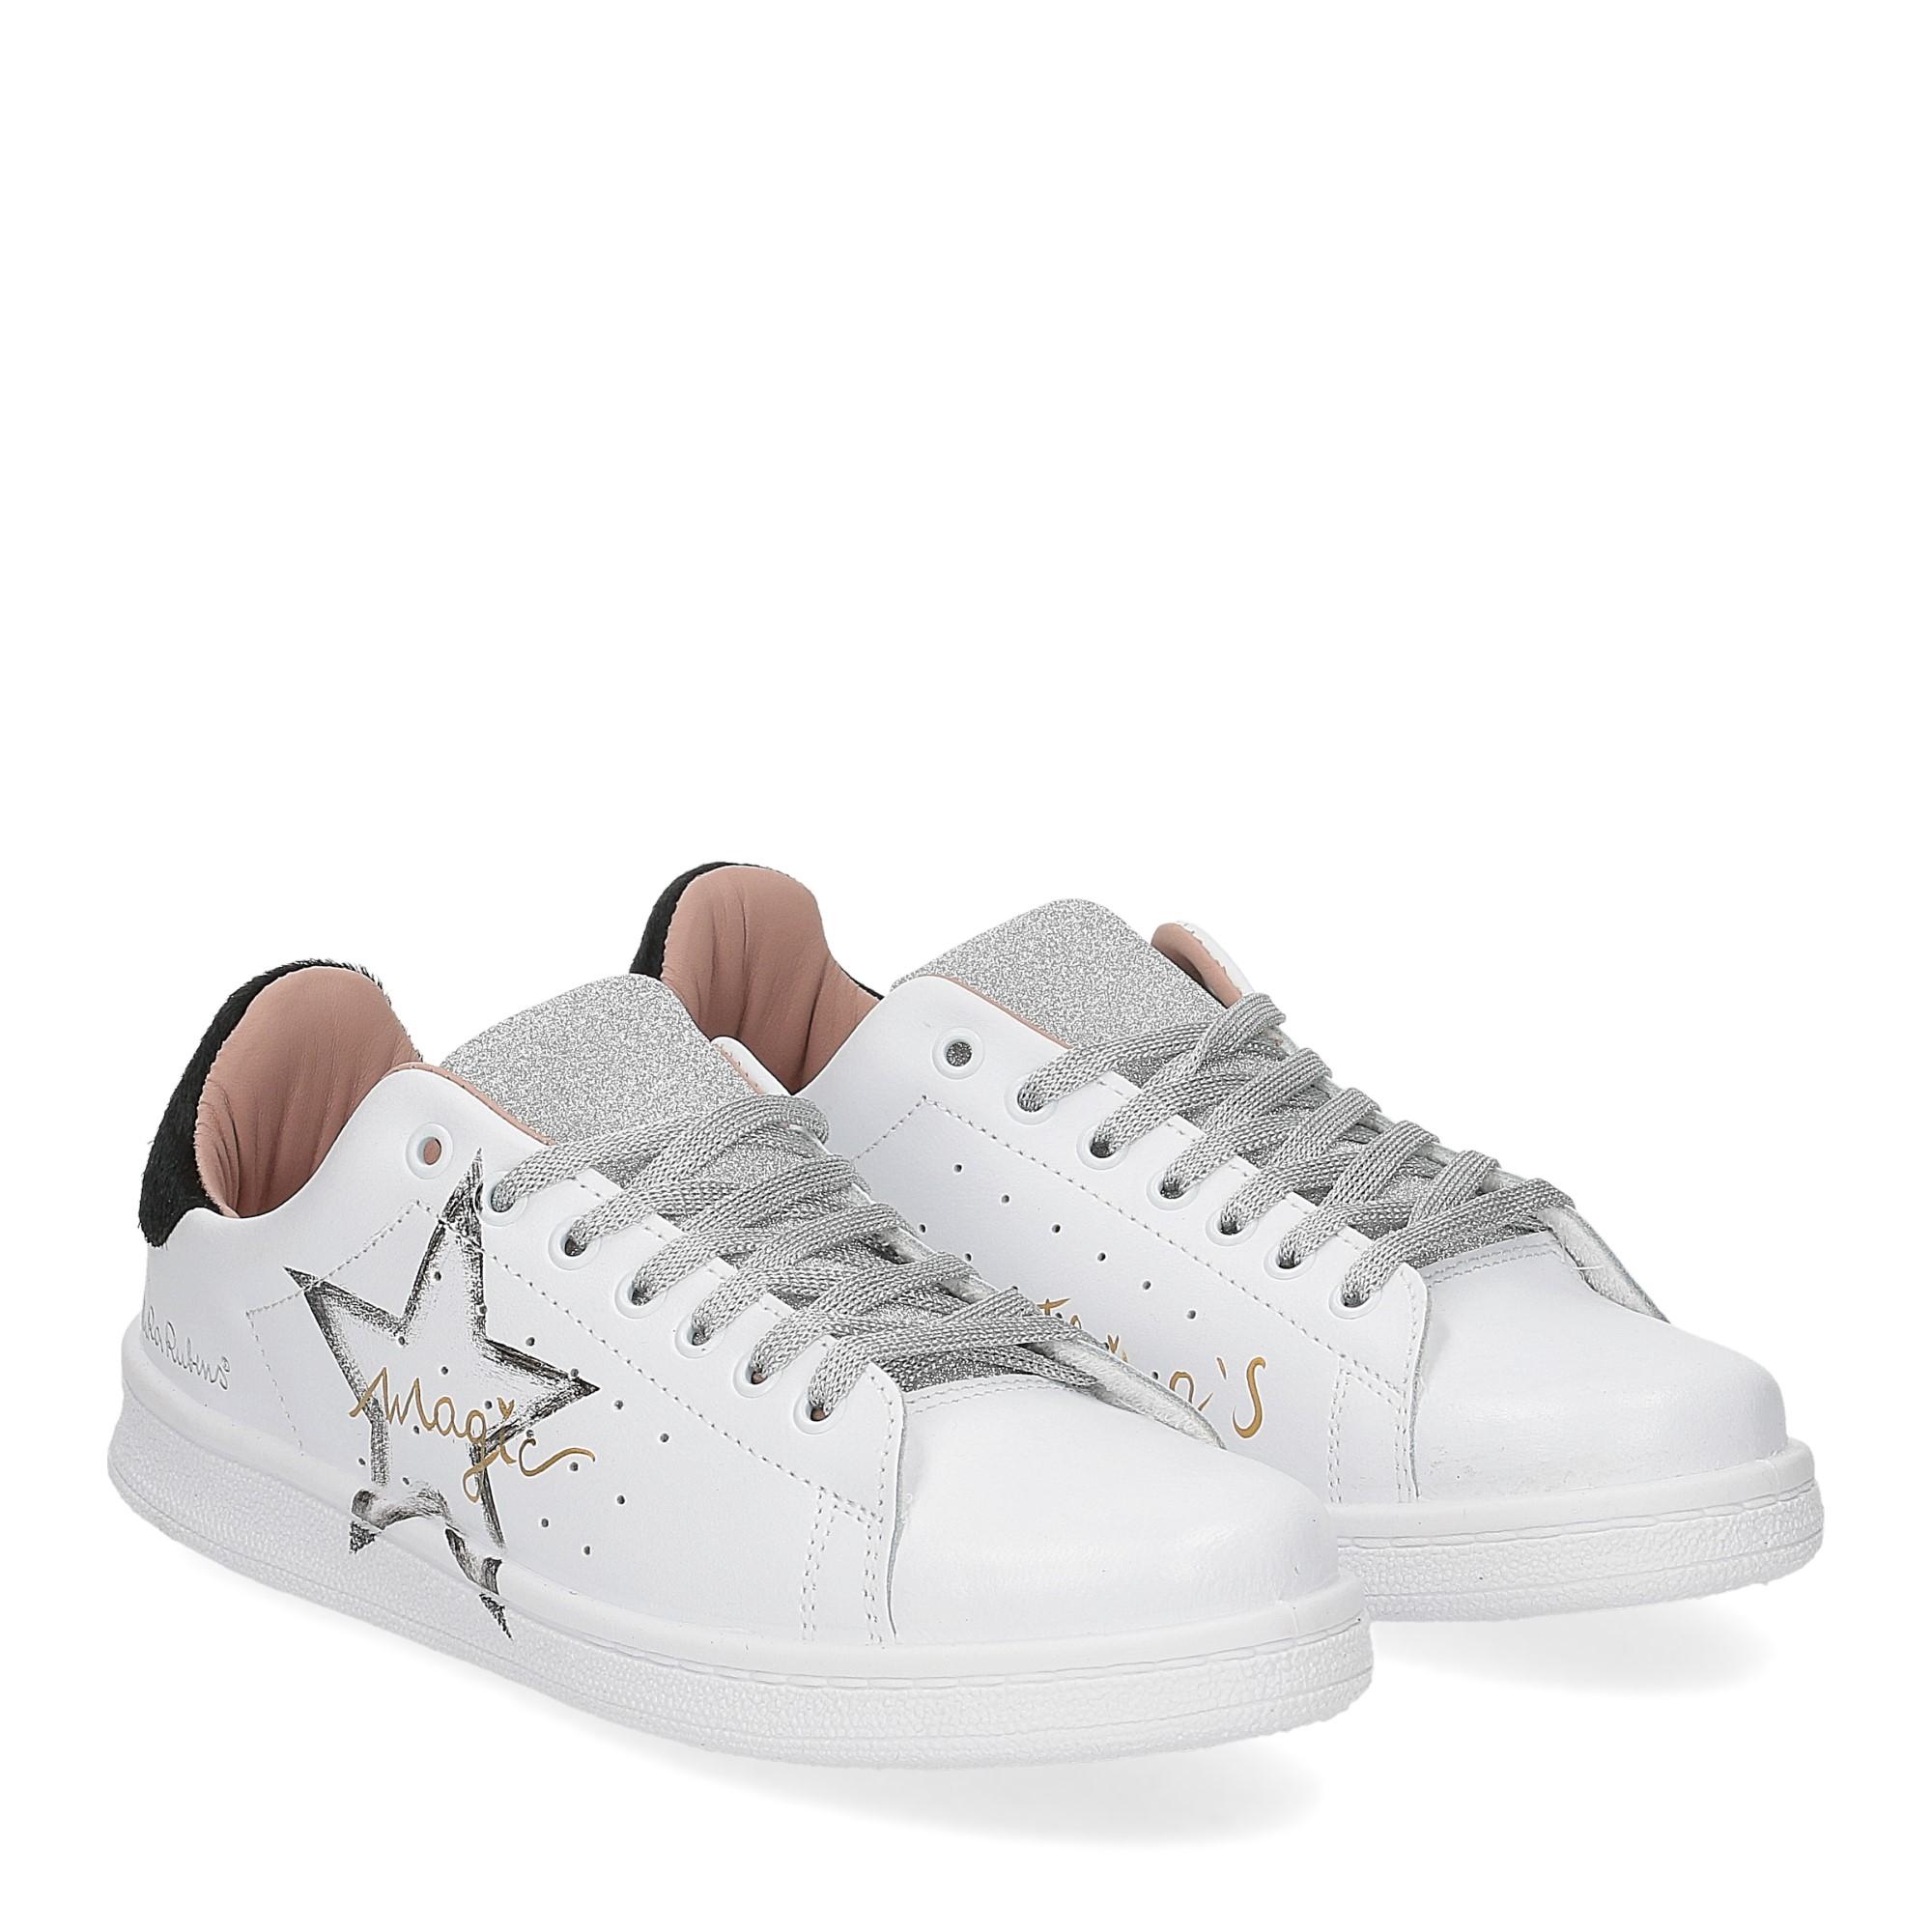 Nira Rubens Daiquiri DAST211 sneaker stella shine black